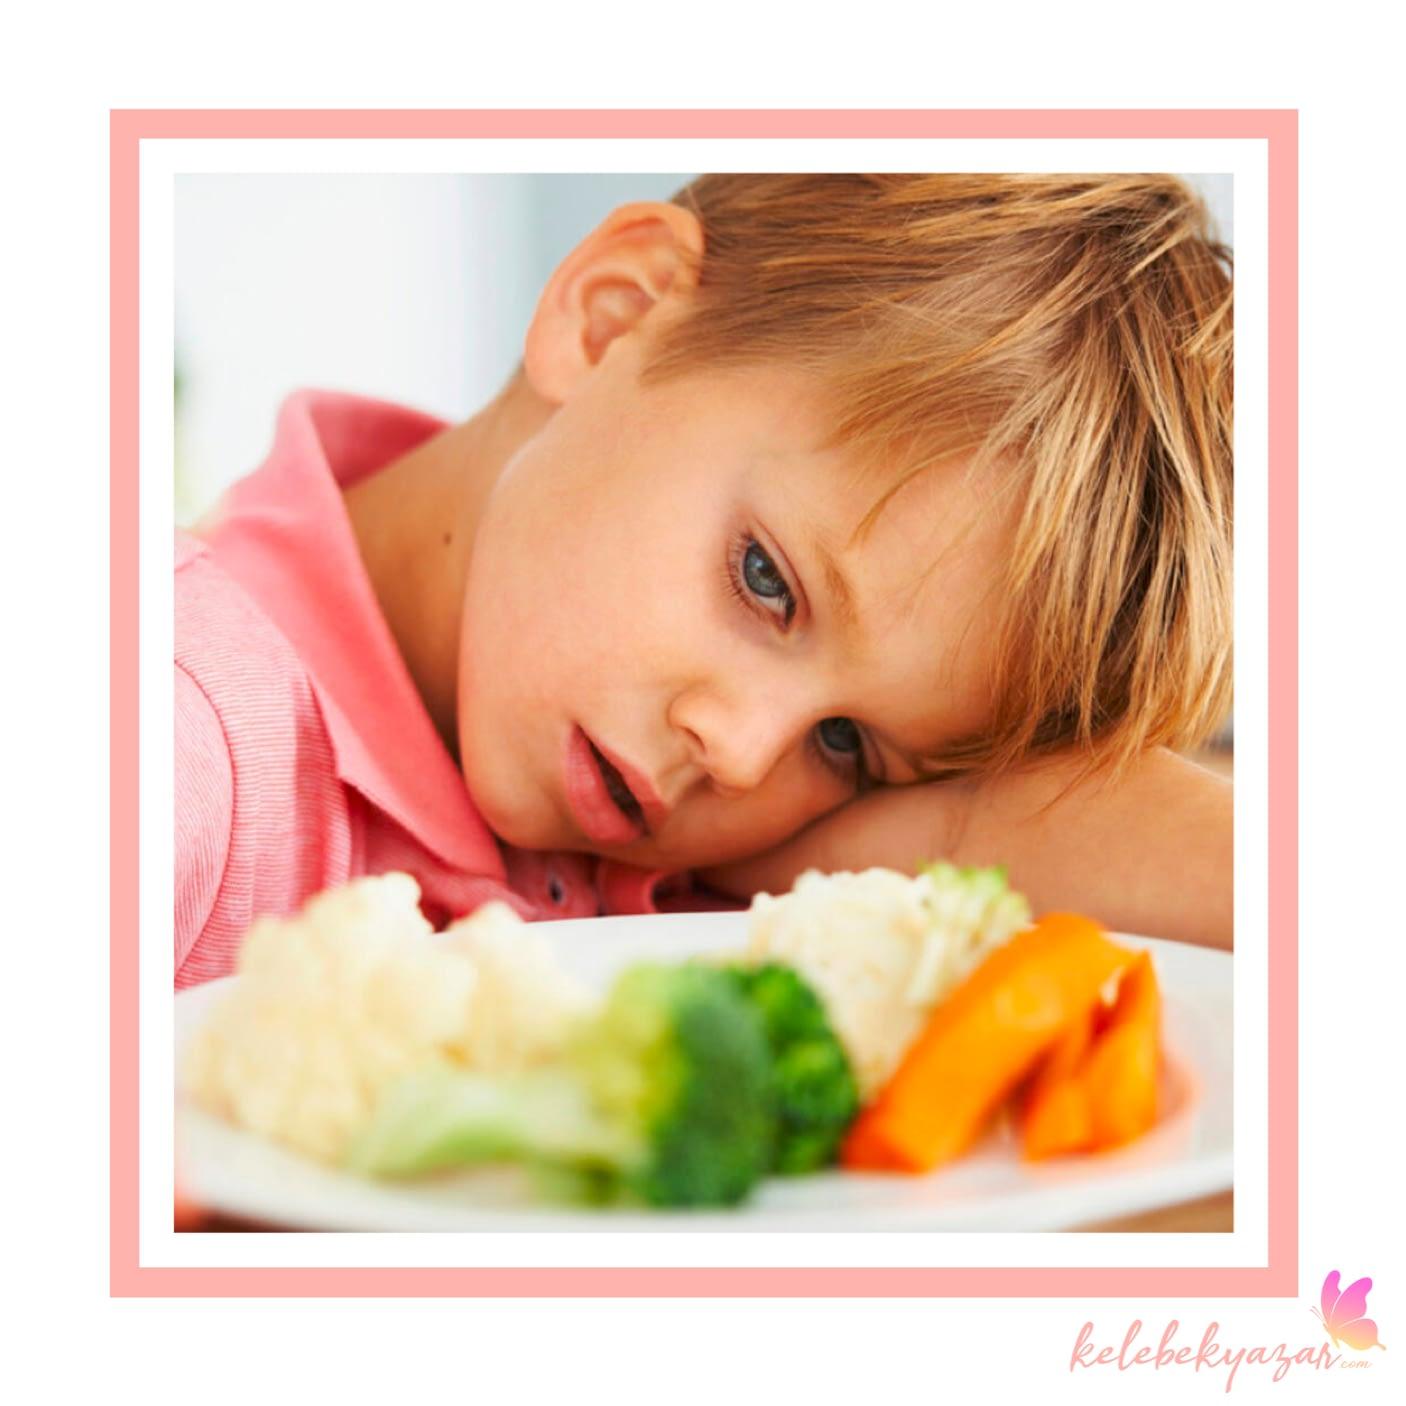 Çocuk Davranışlarında Ciddi Sorunları İşaret Eden 5 Ayrıntı